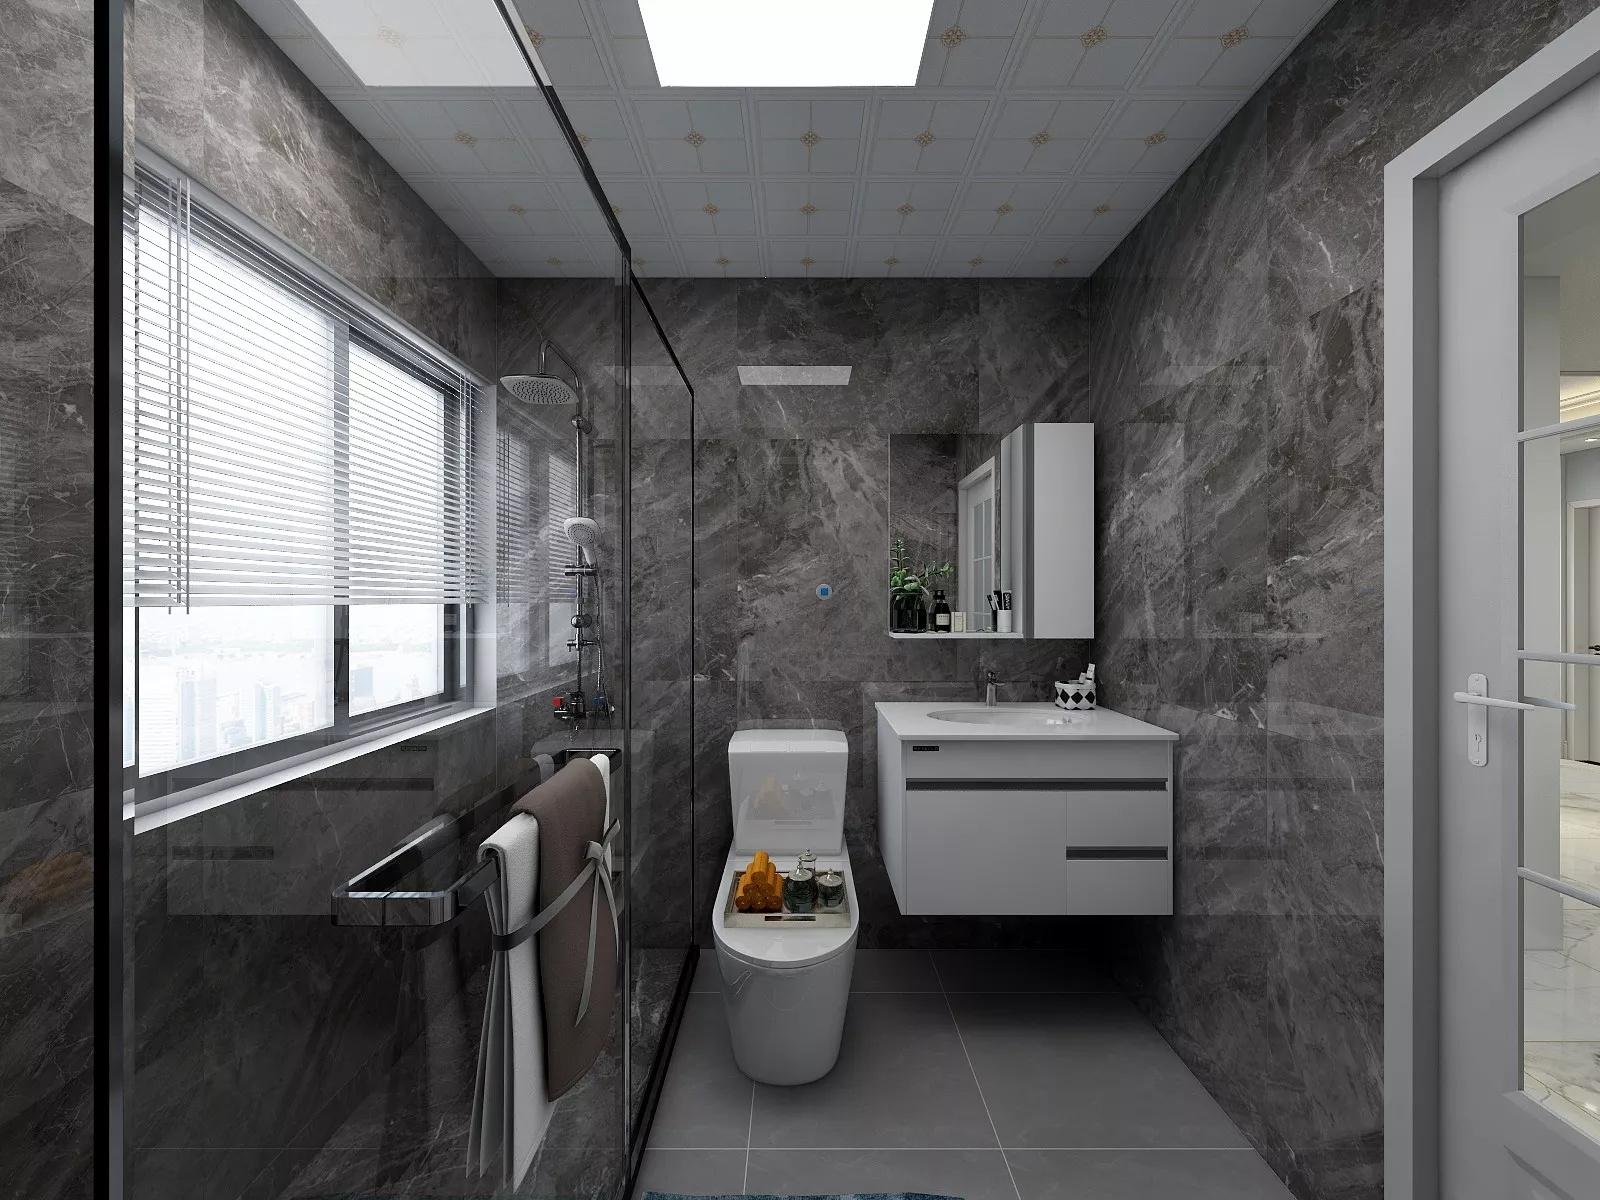 淋浴房价格大概是多少钱 淋浴房最新报价多少钱